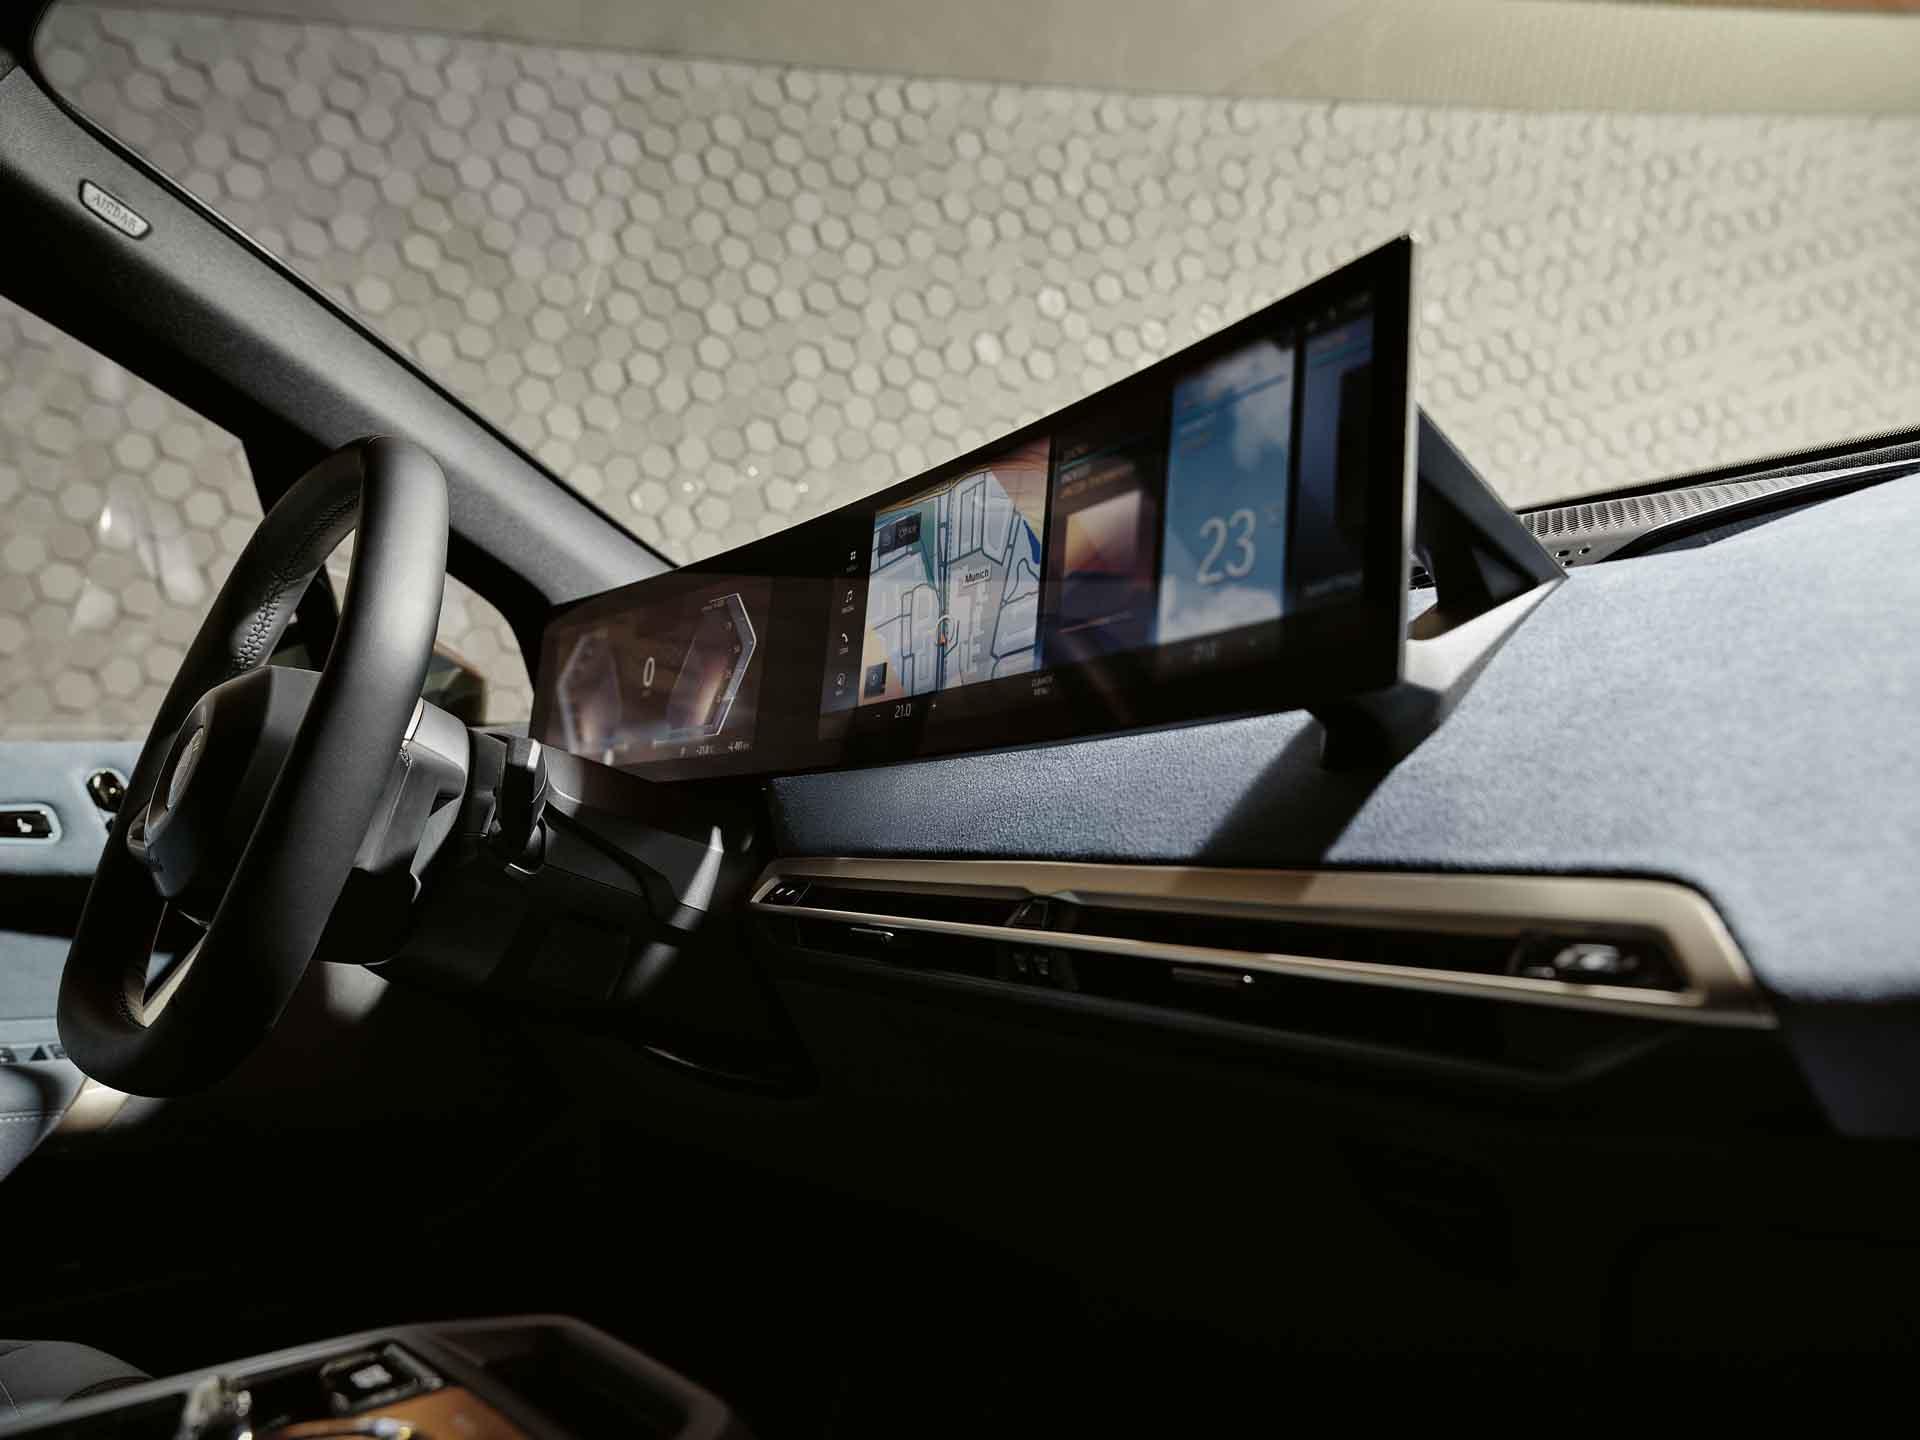 採用一體式曲面螢幕(12.3 吋虛擬數位儀錶與 14.9 吋中控觸控螢幕),結合全新 iDrive 8 使用者介面與車況抬頭顯示器。